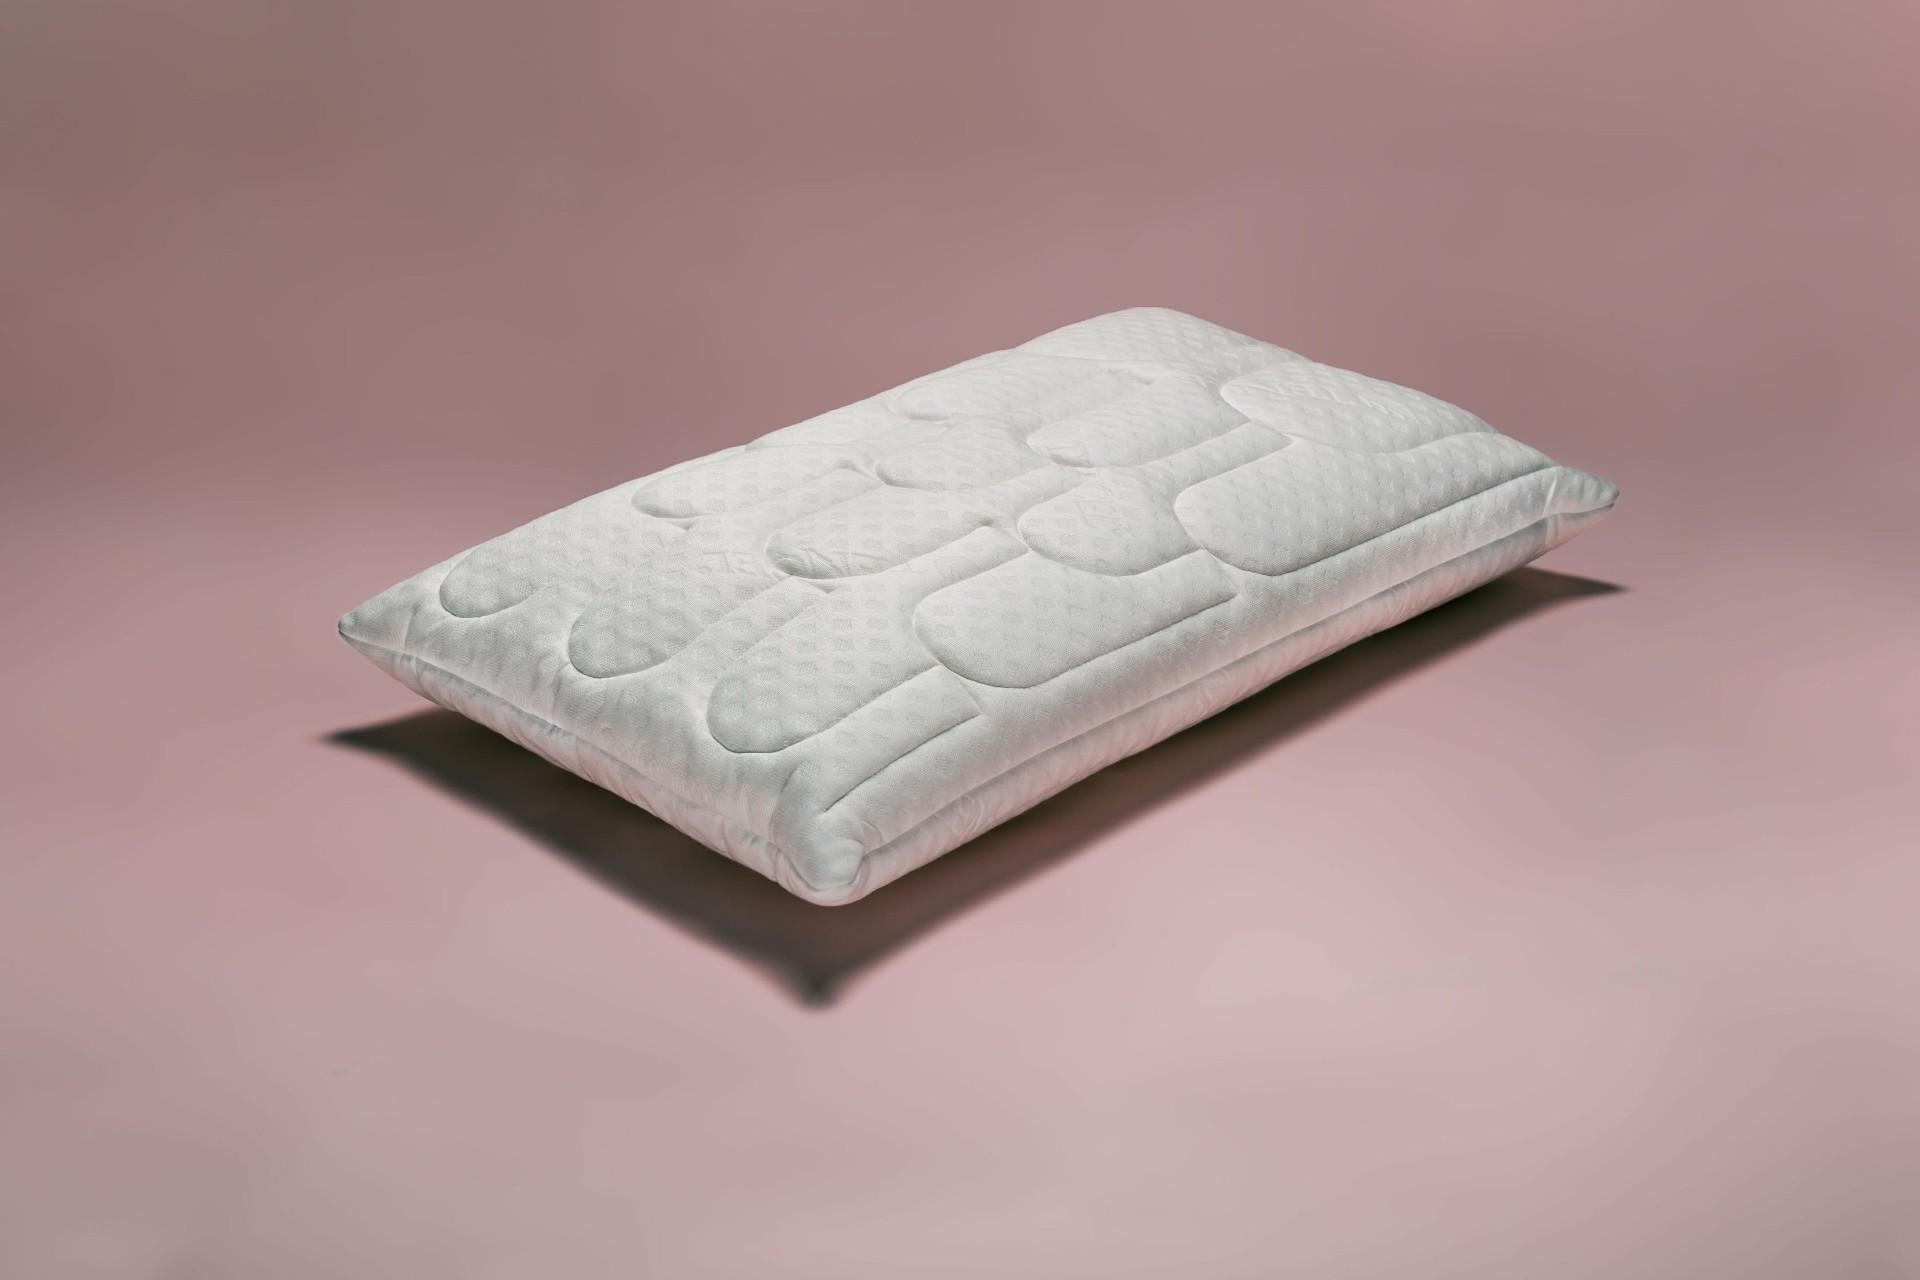 Cuscino in lattice naturale altezza media